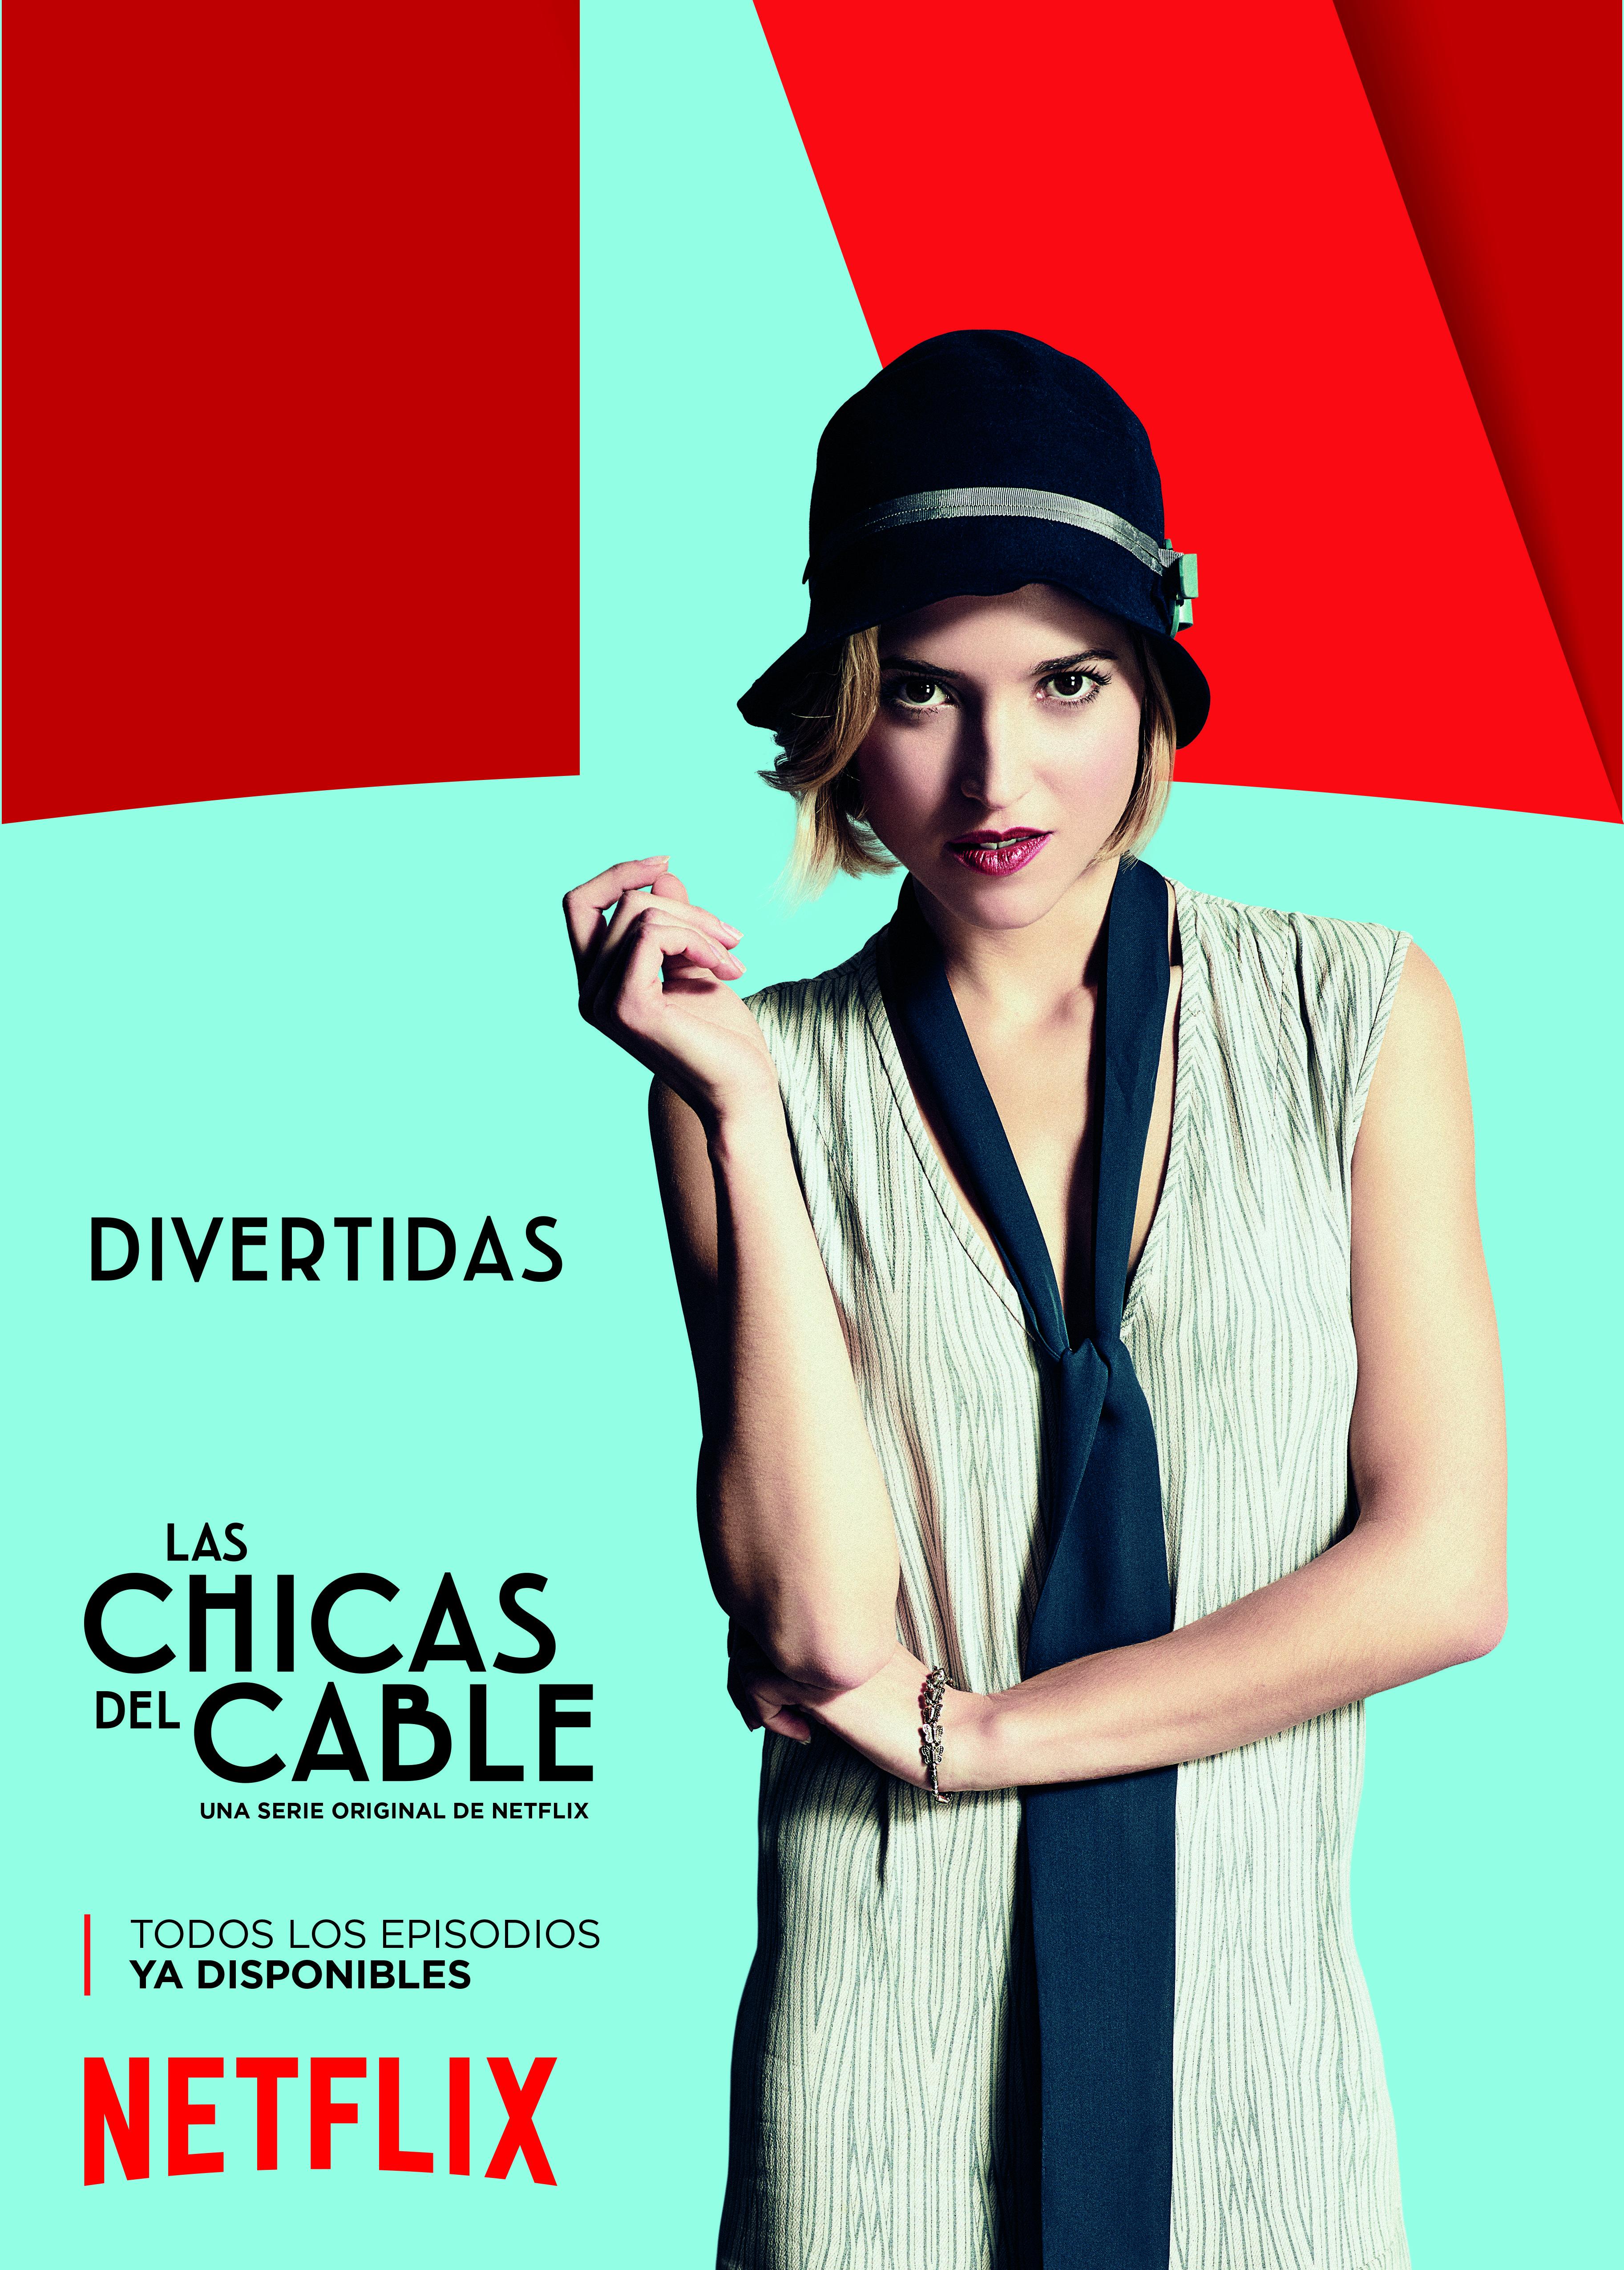 las_chicas_del_cable_Netflix_mondo_sonoro_divertidas_pegada_carteles